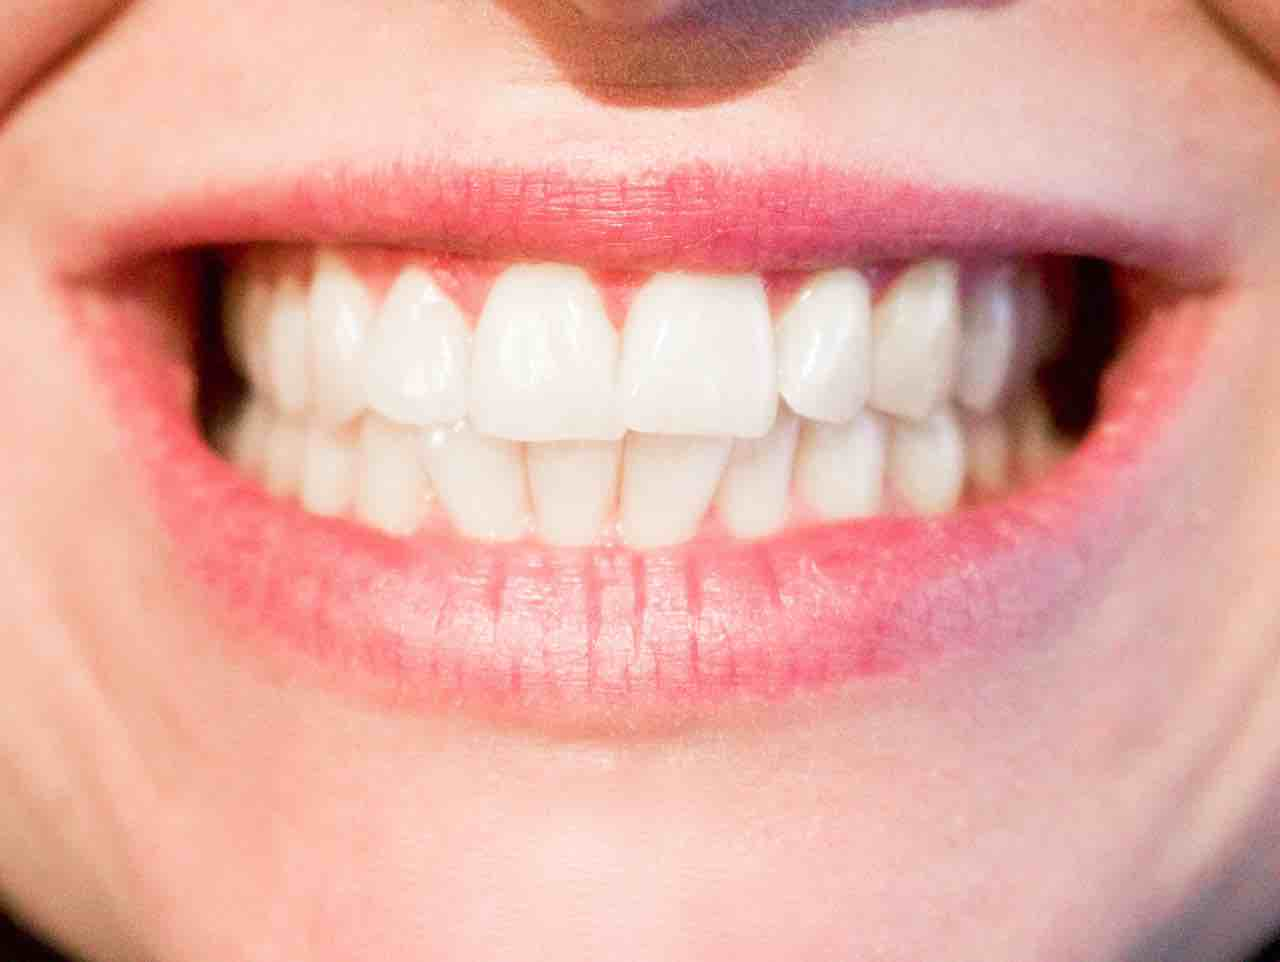 Le Bruxisme aussi appelé grincement des dents